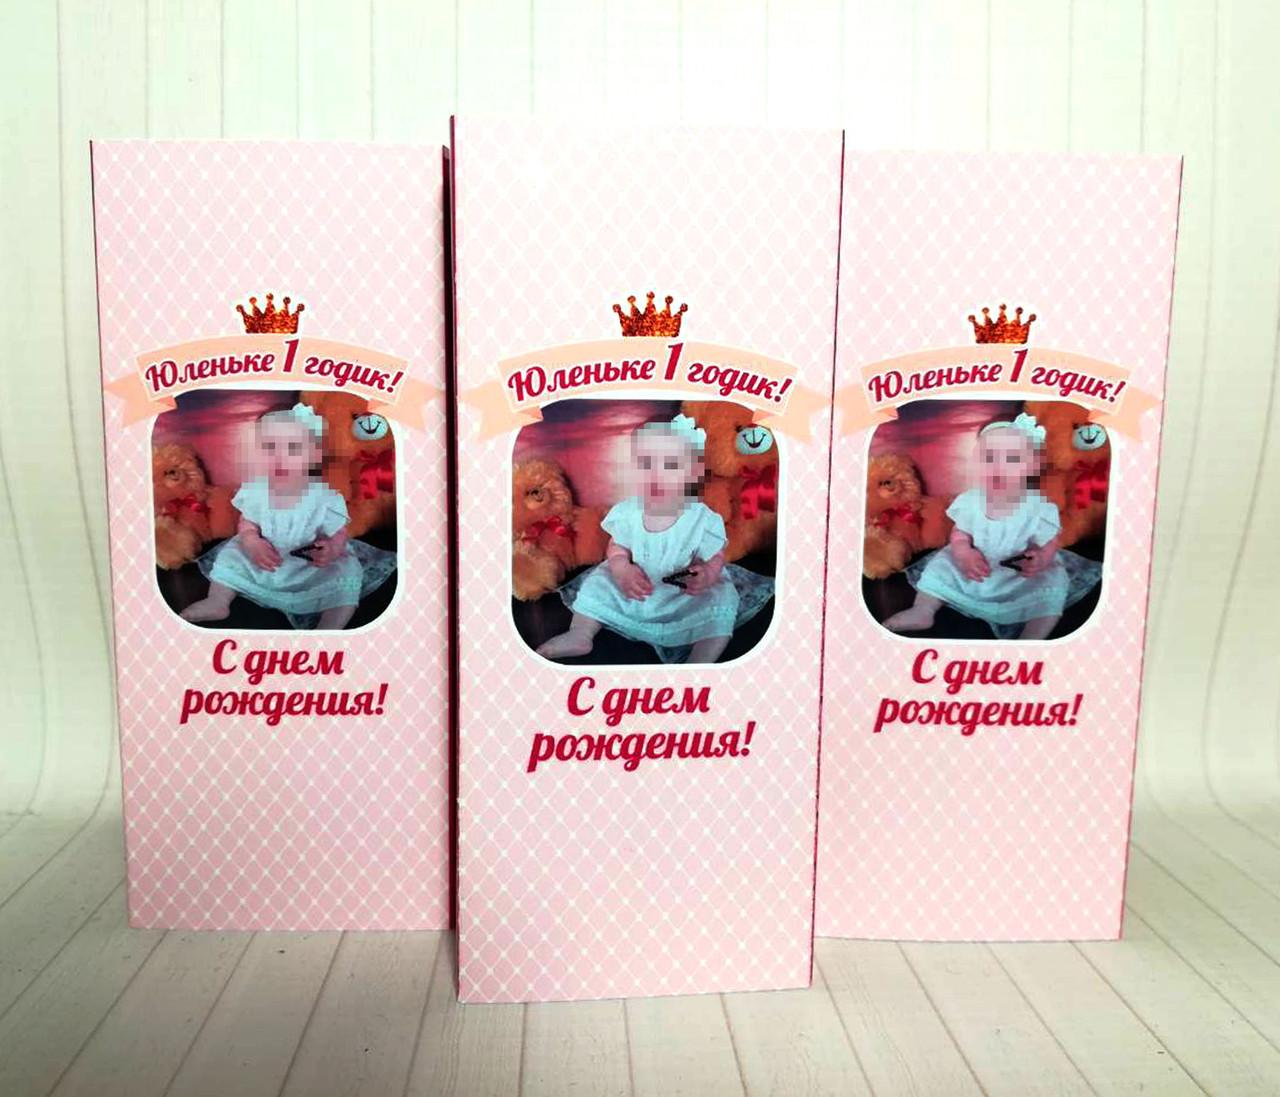 """Персонализированная этикетка на сок """"Агуша"""" в стиль Вашего праздника - Интернет-магазин """"Подарки с любовью"""" в Николаеве"""